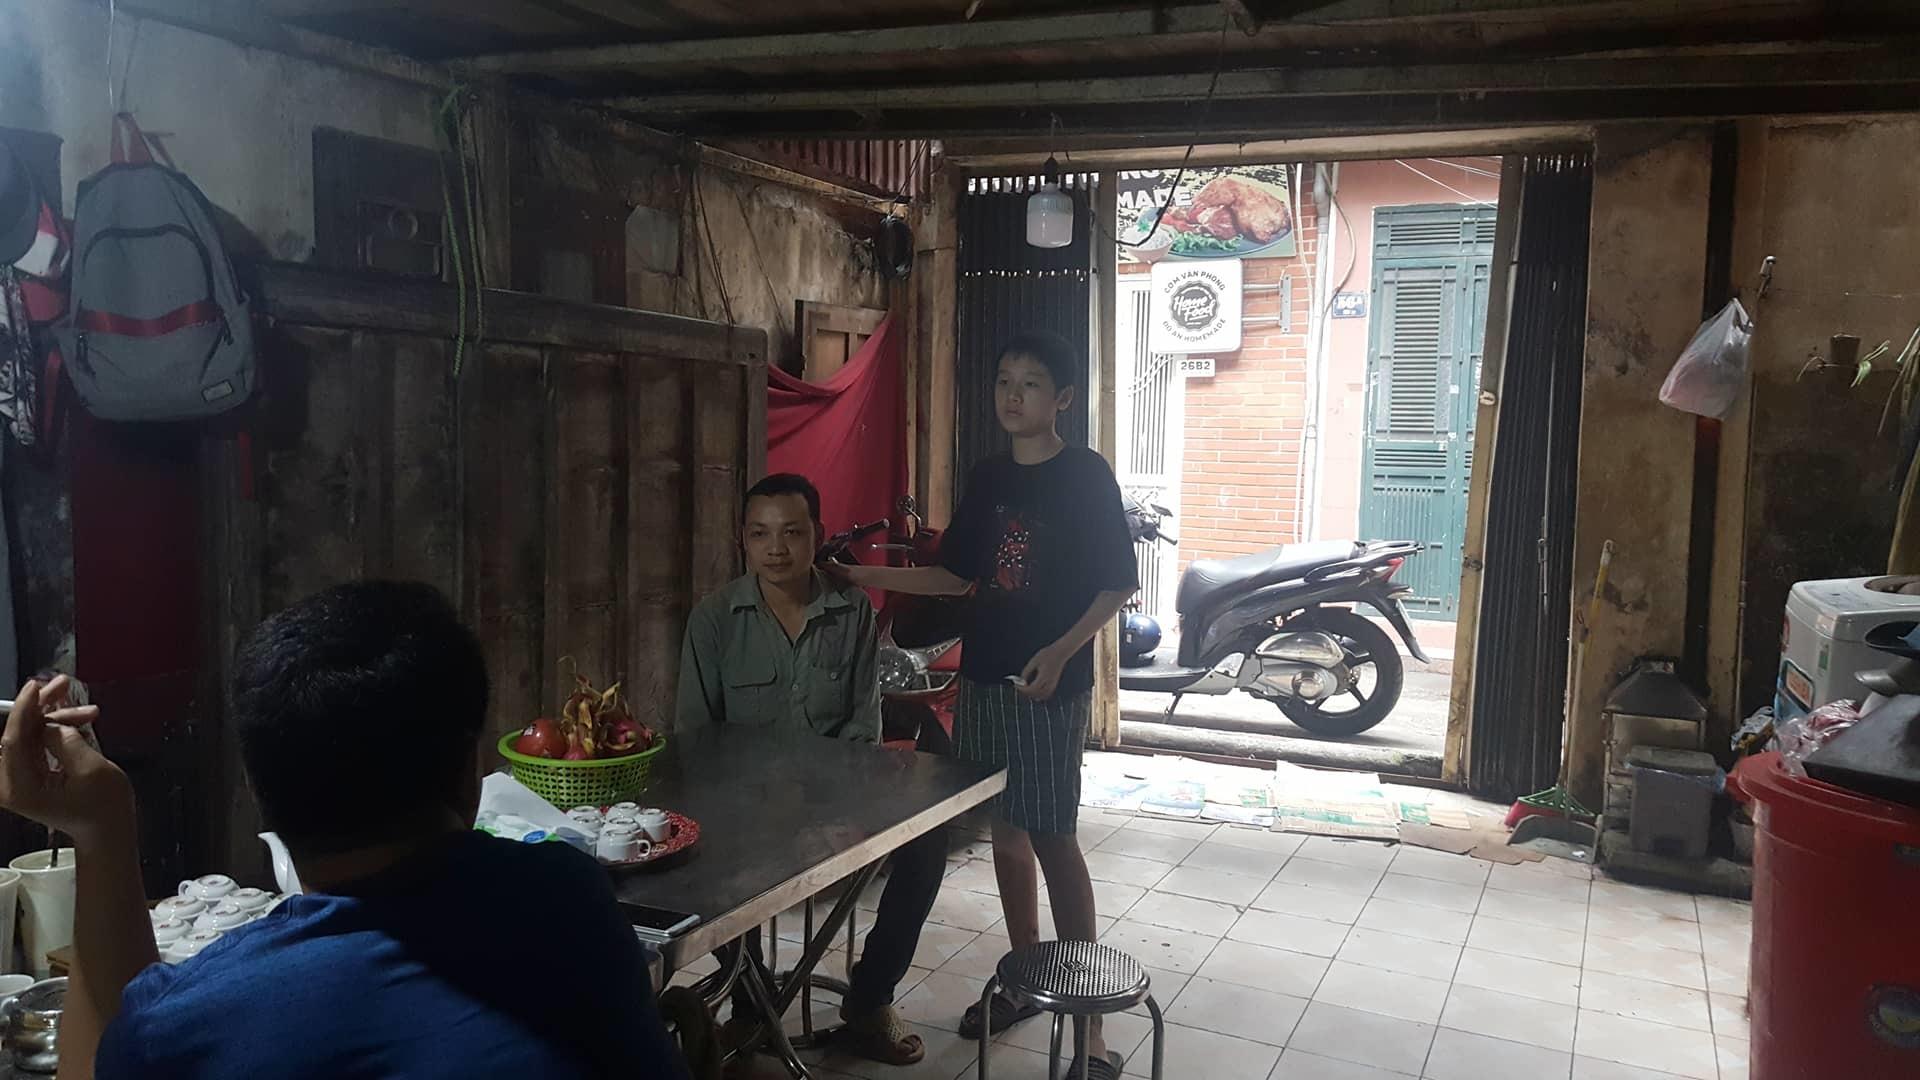 Tai nạn hầm Kim Liên,Tai nạn giao thông,Hầm Kim Liên,Hà Nội